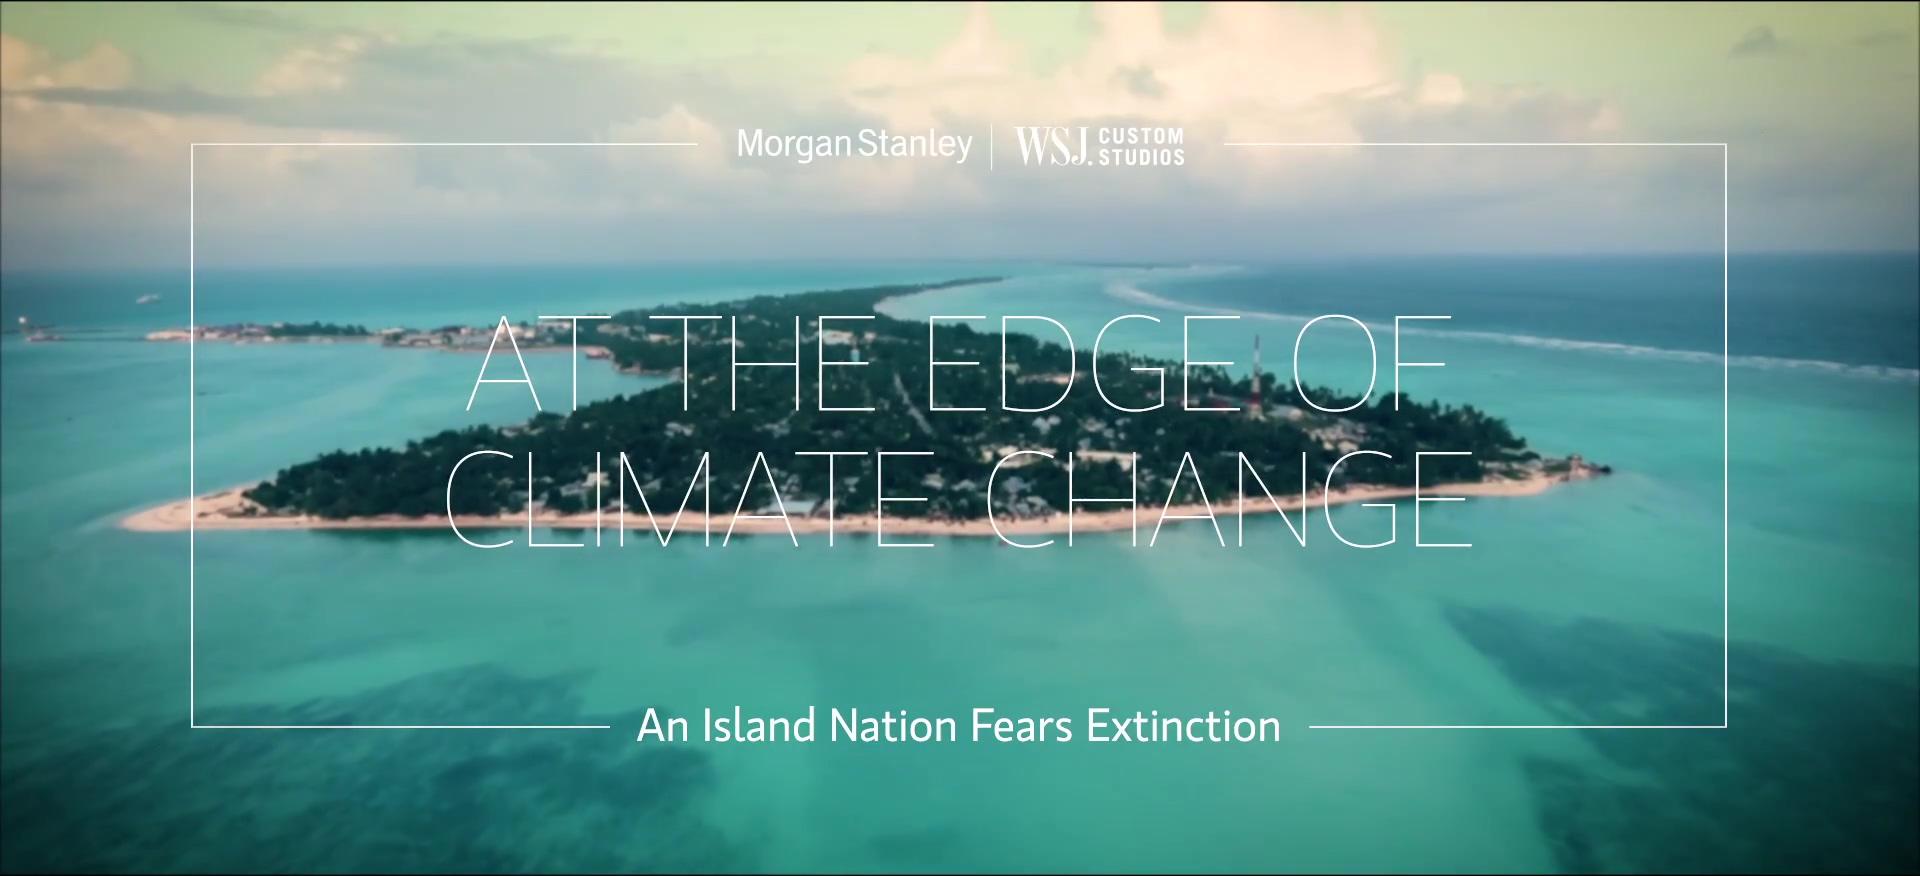 Morgan Stanley - Kiribati